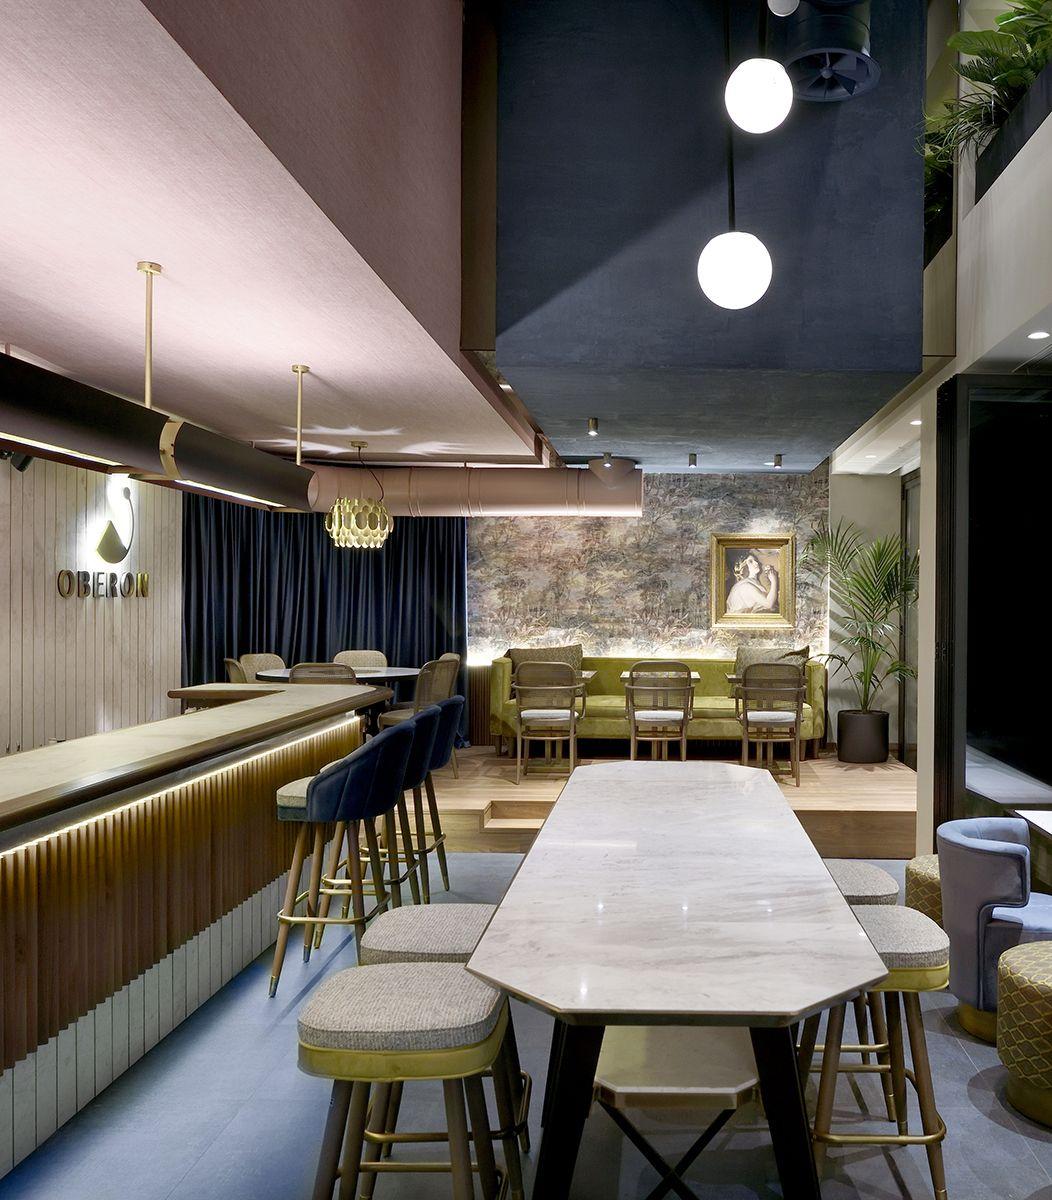 Oberon Cafe-Bar, Thessaloniki by Minas Kosmidis-Architecture In ...